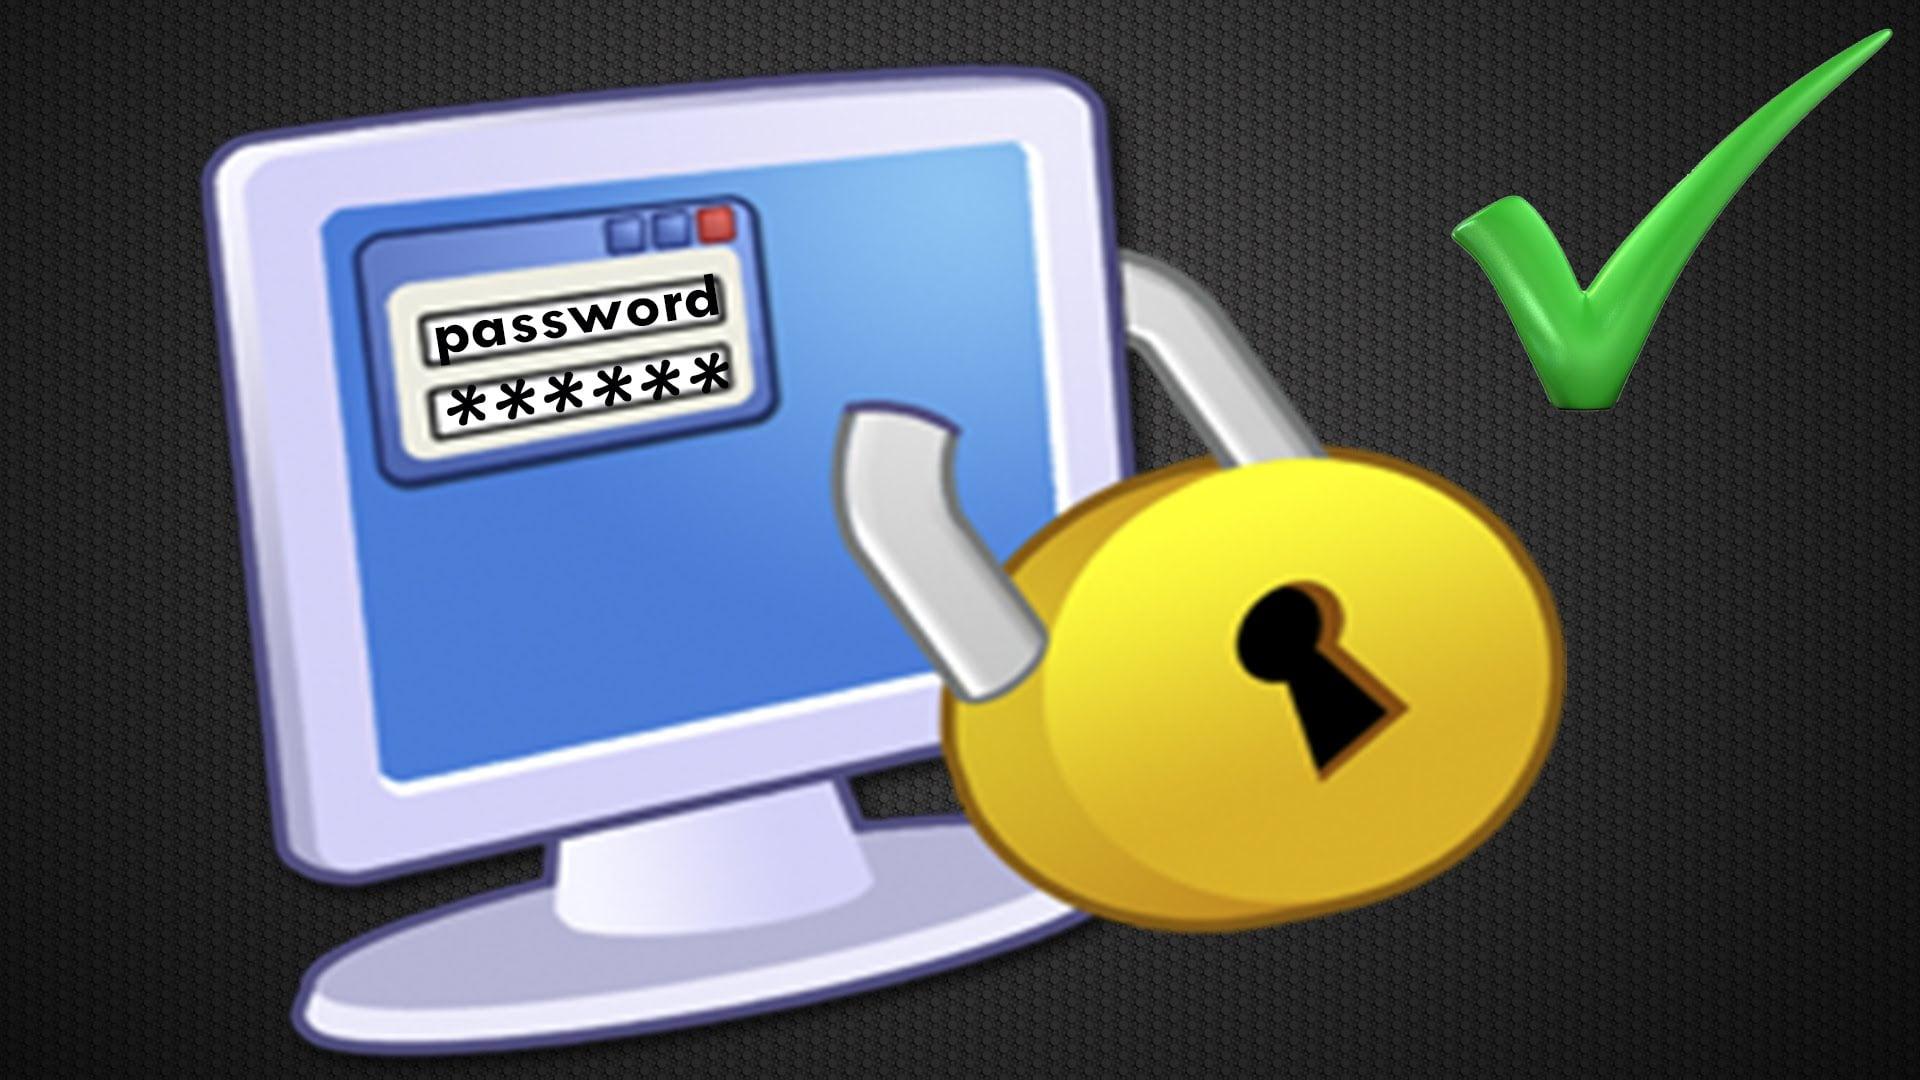 Как войти в чужой компьютер без пароля (эксплуатация уязвимости системы)